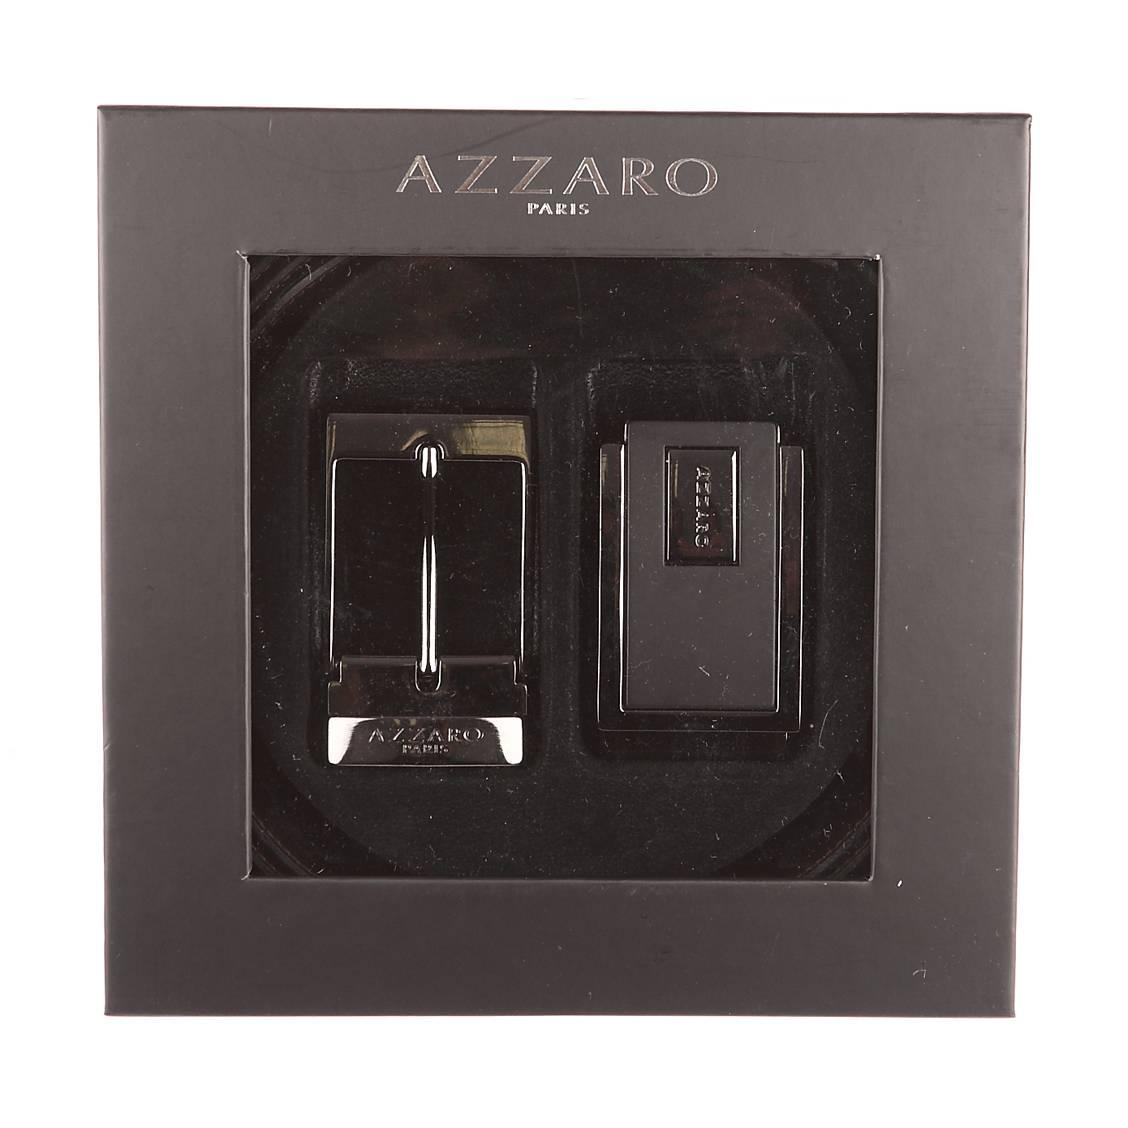 Coffret cadeau Azzaro Made in France : ceinture ajustable noire réversible marron, 1 boucle pleine à poinçon et 1 boucle à ardillon